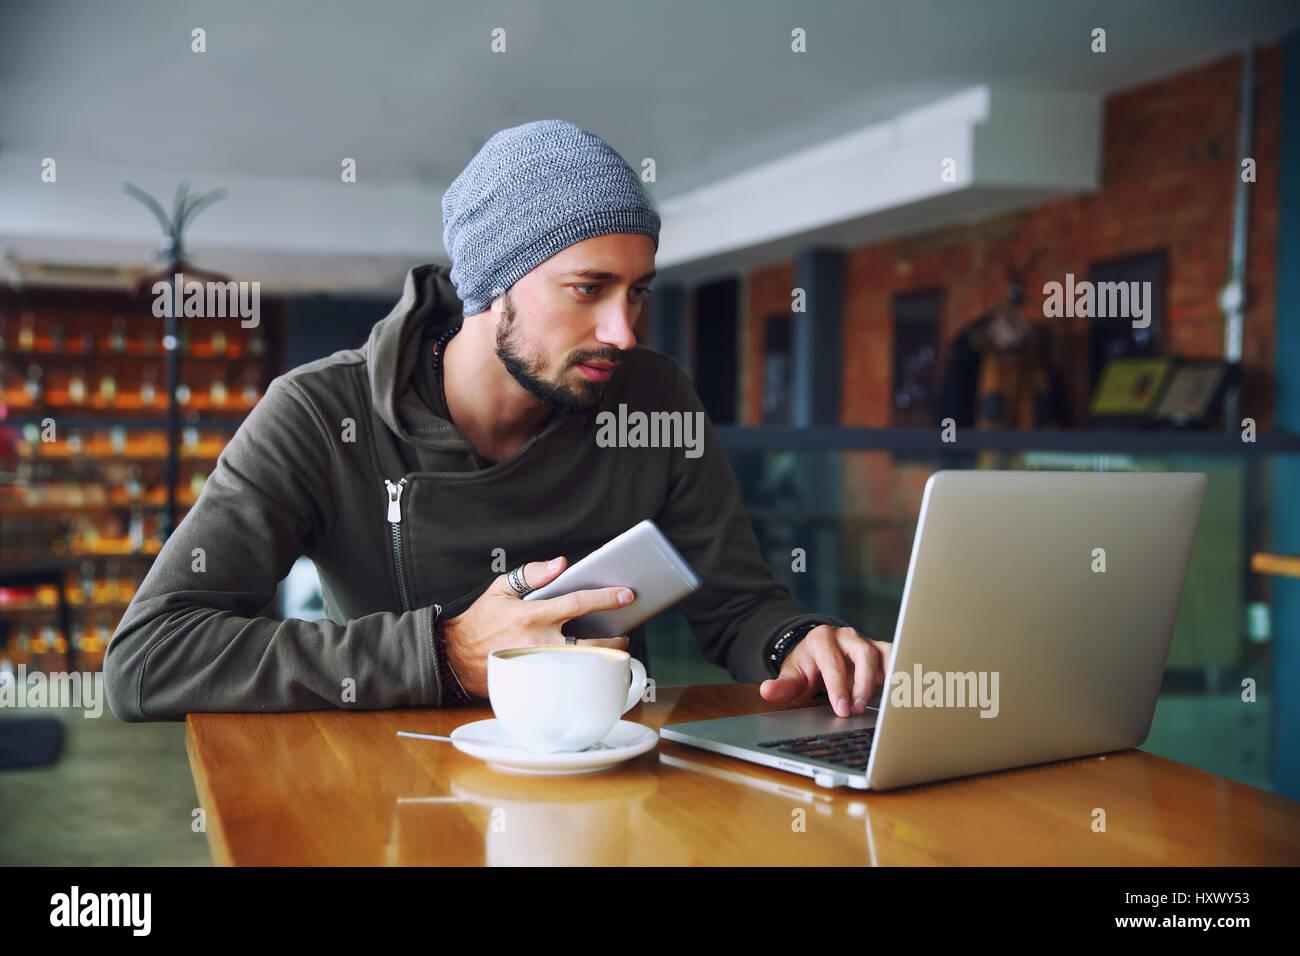 Joven apuesto hipster hombre con barba está utilizando equipo de cafetería Foto de stock